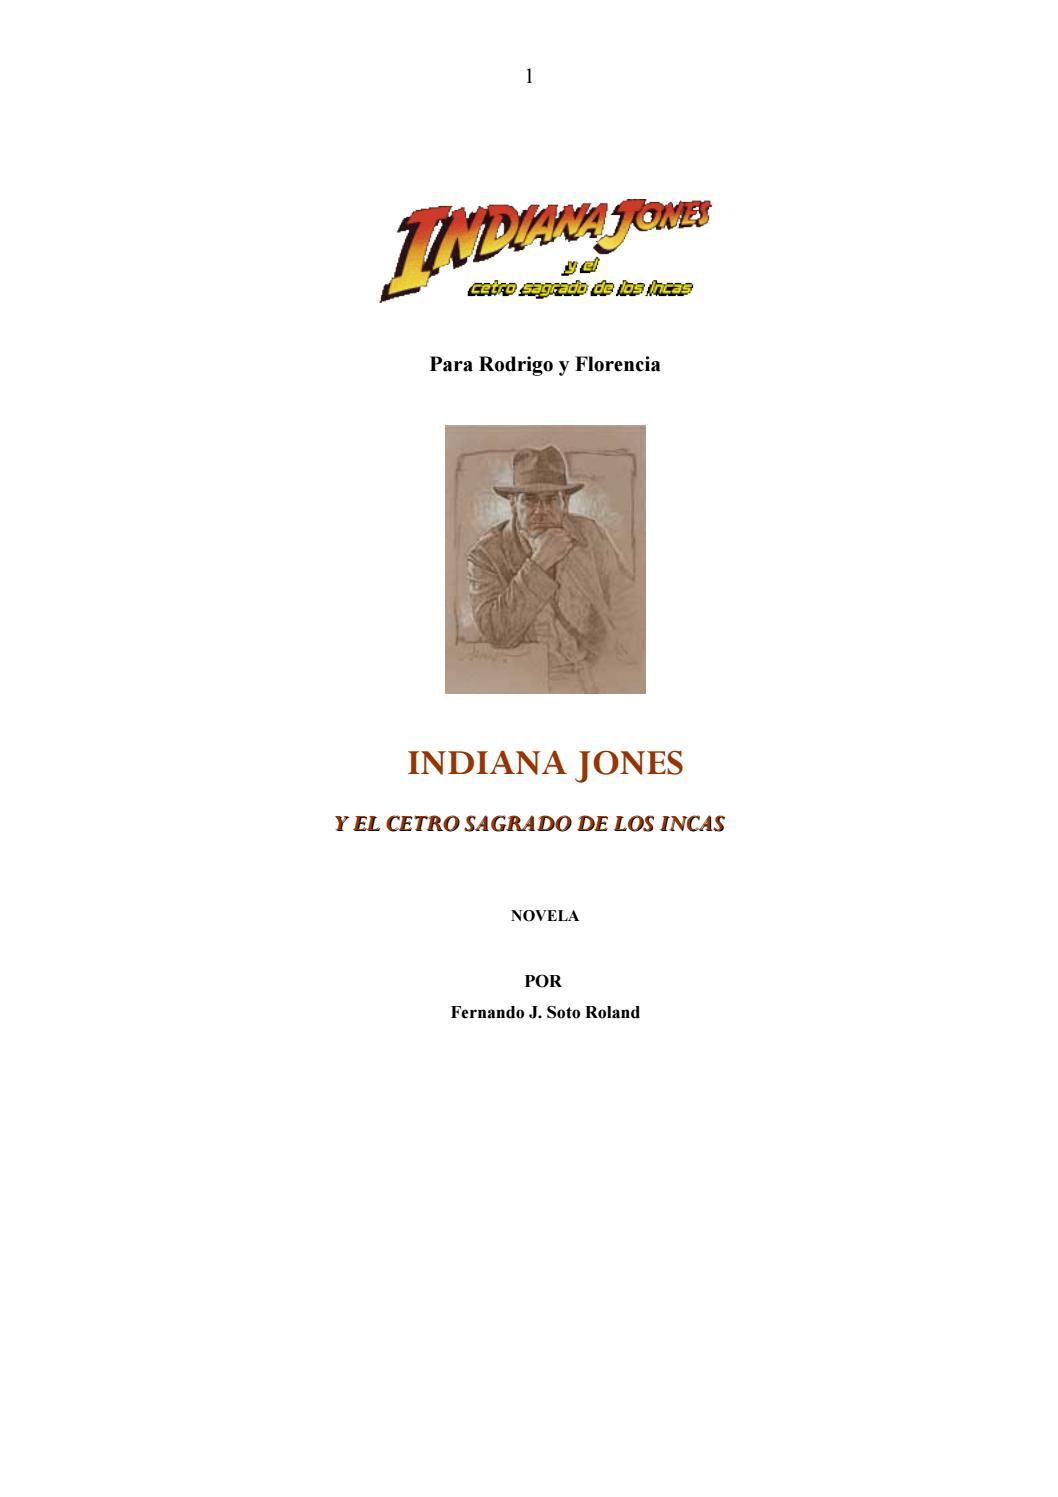 INDIANA JONES y el cetro sagrado de los incas by Fernando Jorge Soto Roland  - issuu 6dea6fd81e7